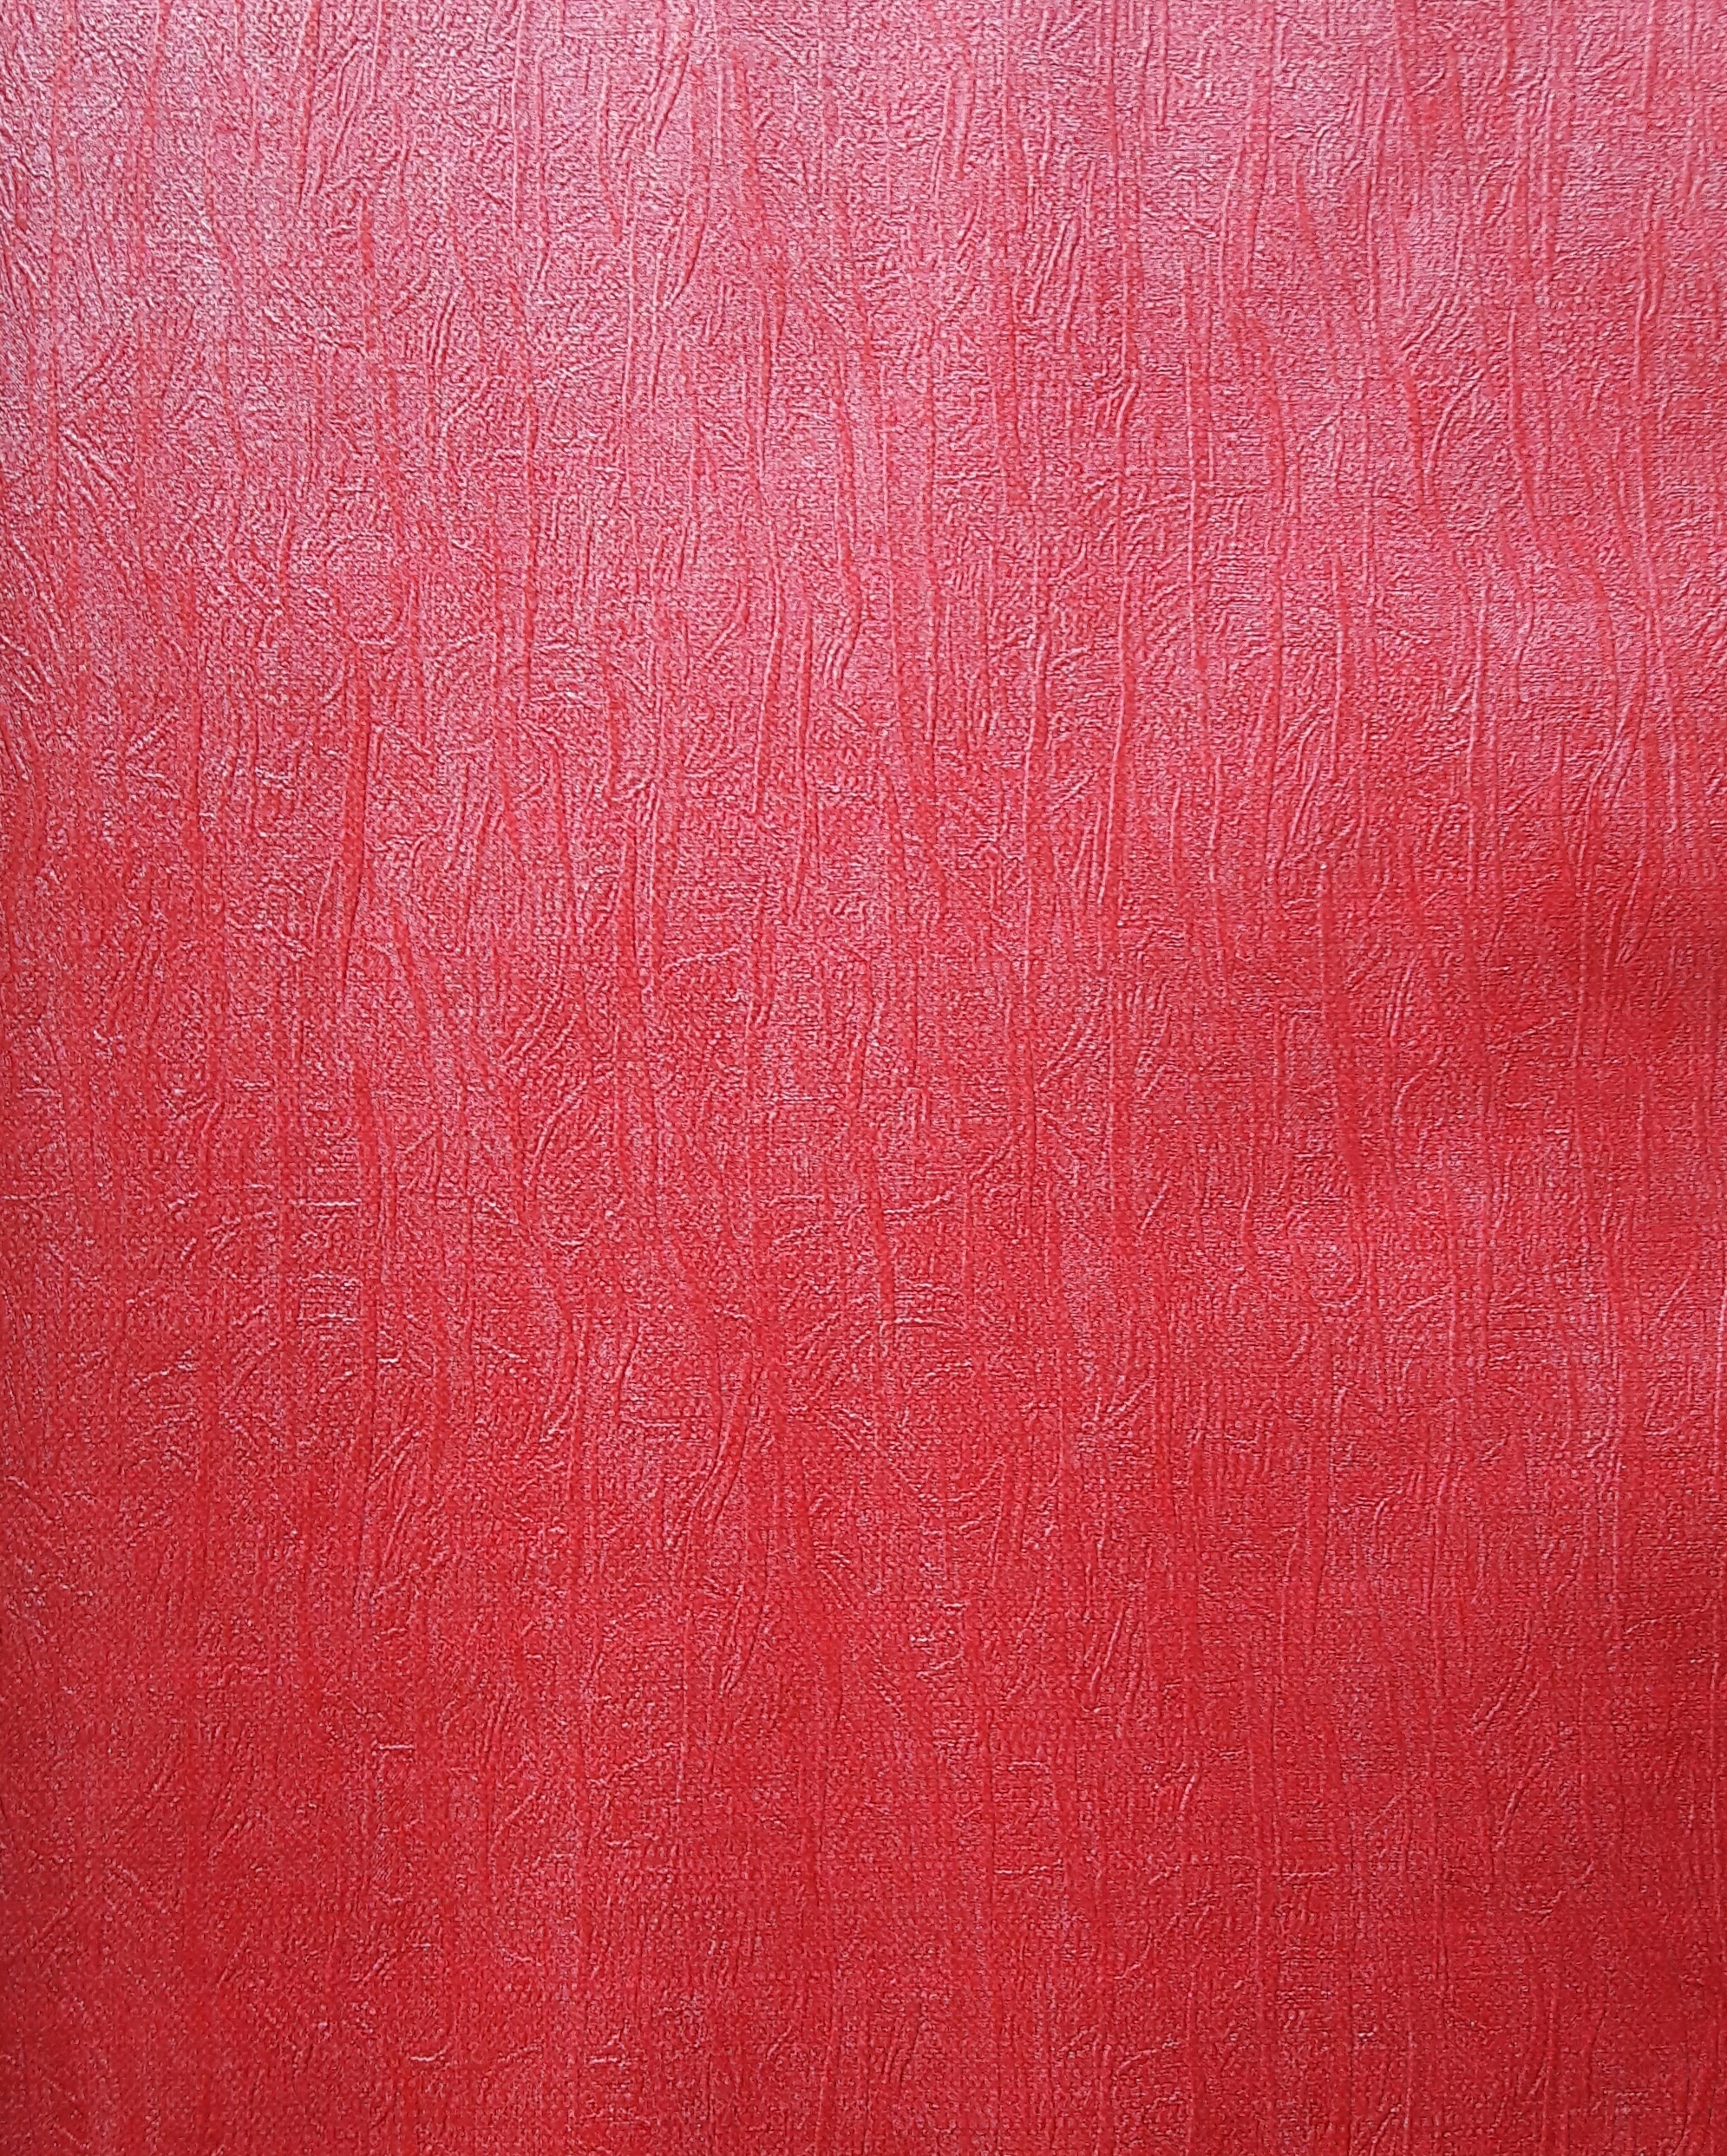 Gambar Wallpaper Warna Merah